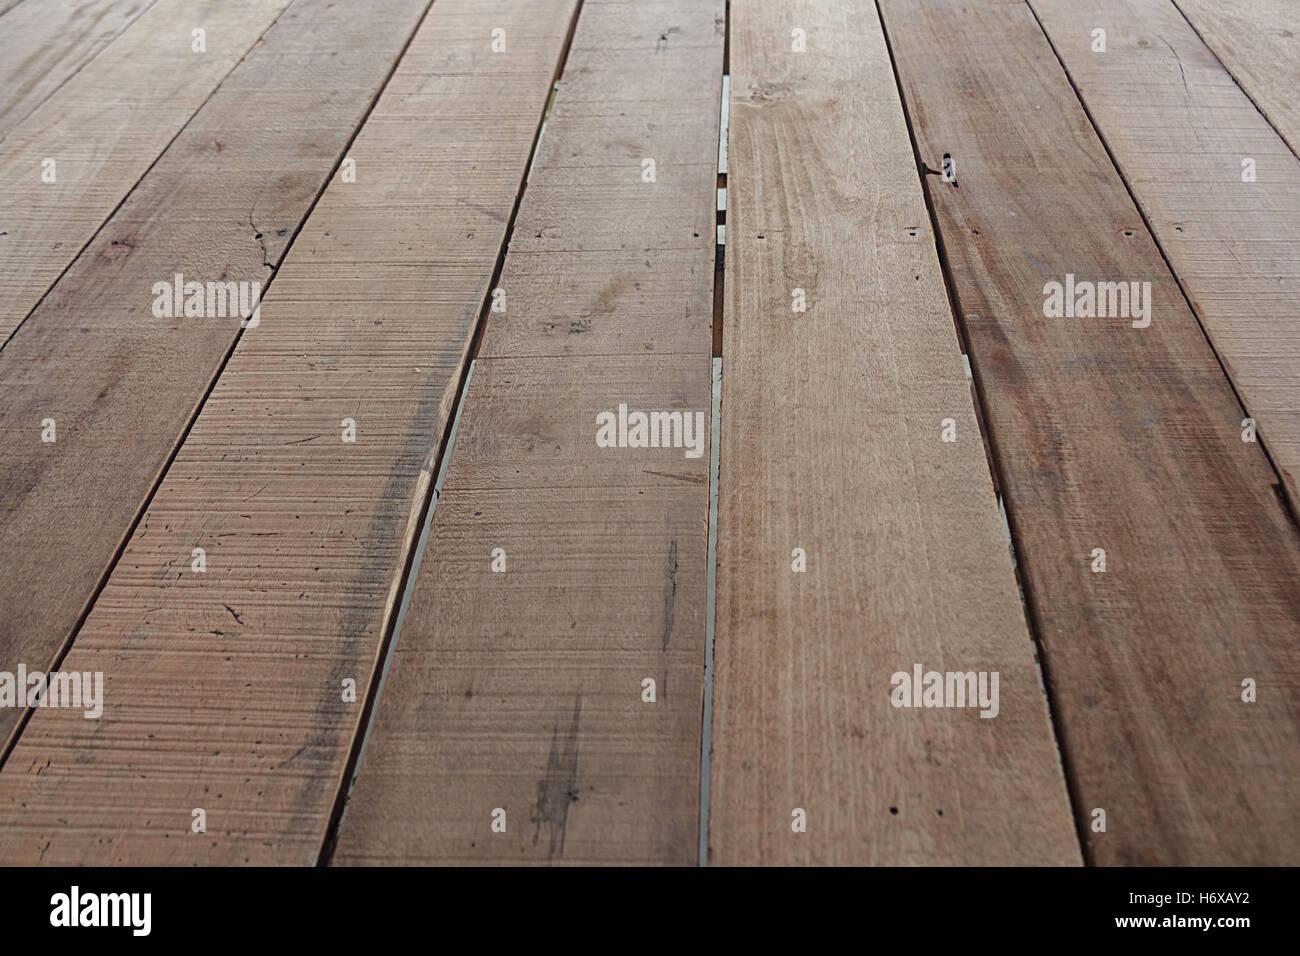 Fantastisch Oberfläche, Korn, Rau, Tisch, Boden, Natürliche, Deck, Parkett, Braun,  Aufgearbeiteten, Pastell, Alte, Hartholz, Plank, Abstrakt, Modern,